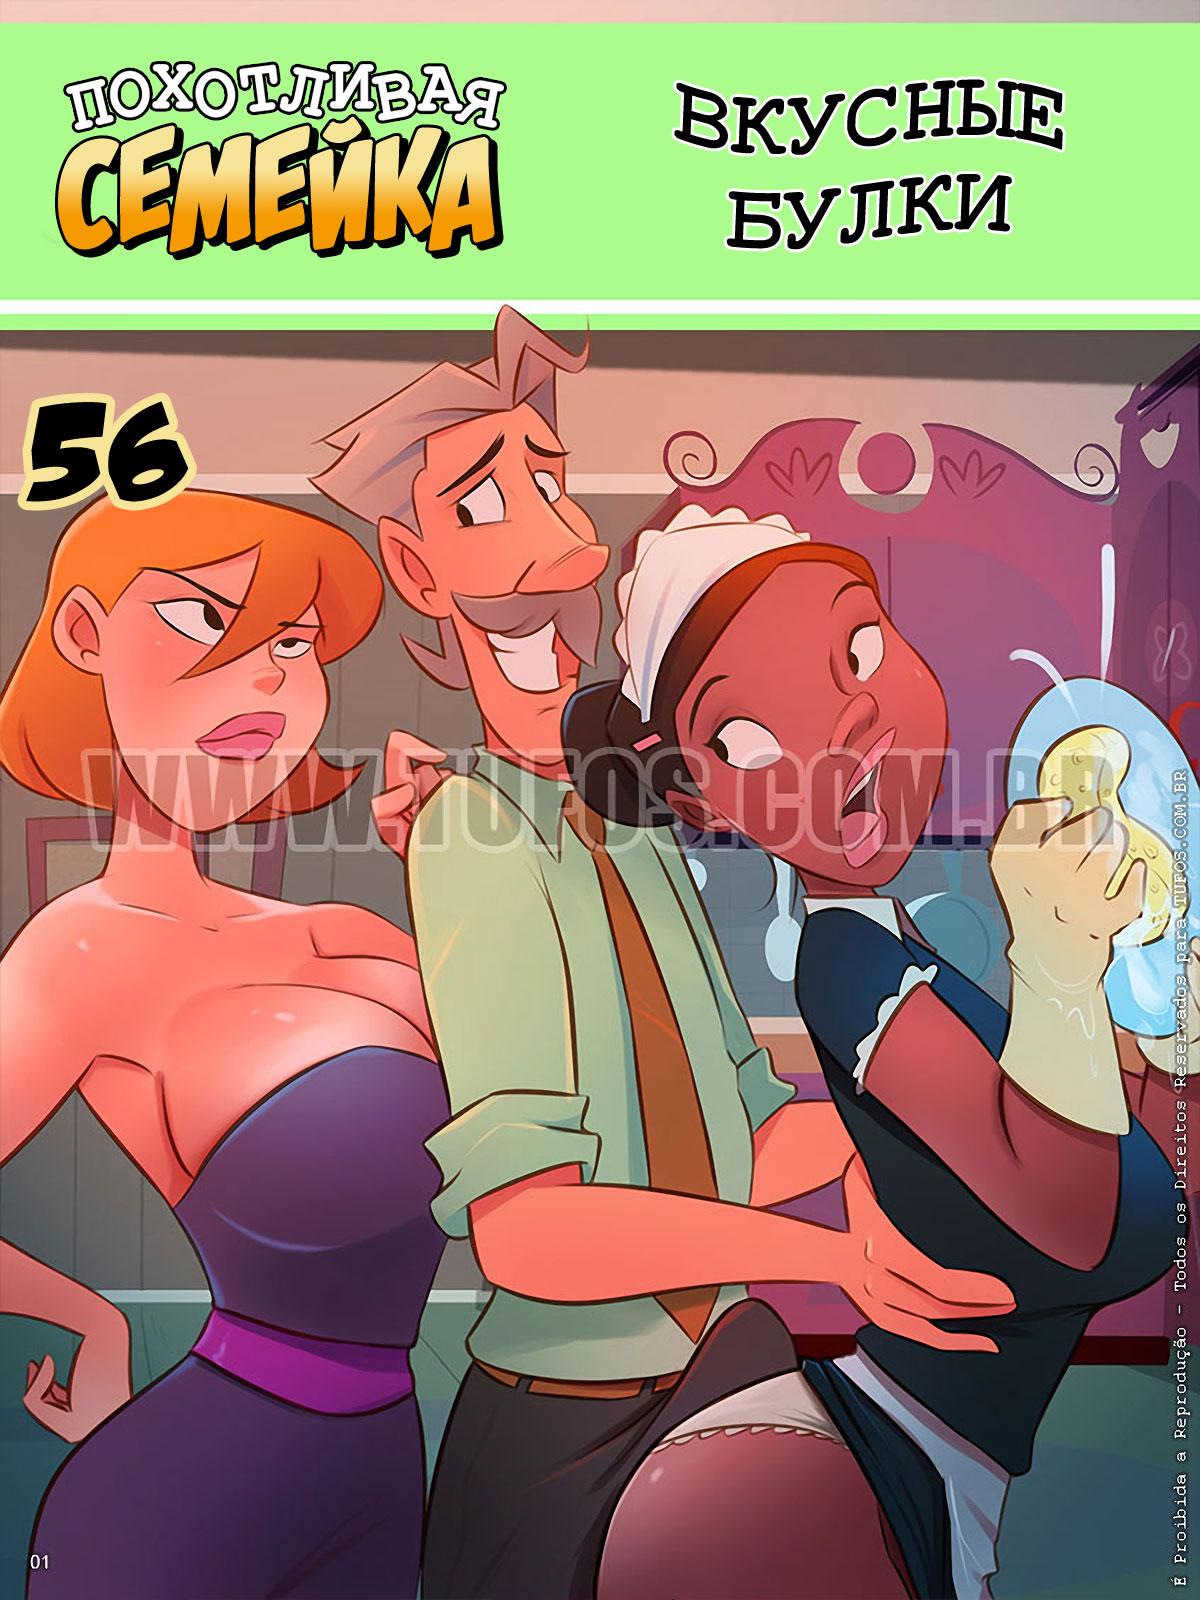 секс комиксы похотливая семейка